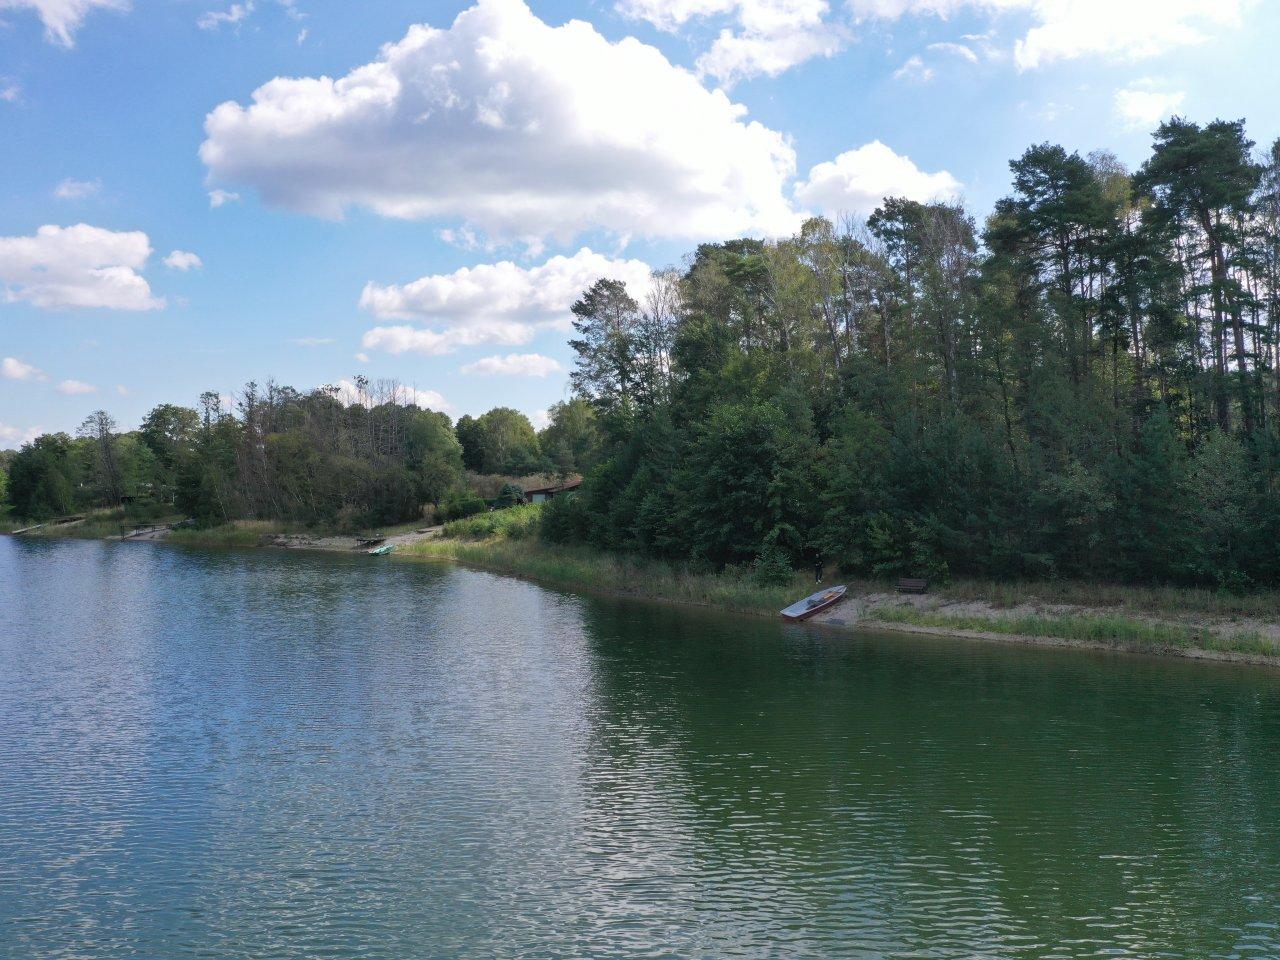 Ufergrundstück in unmittelbarer Nachbarschaft zu Erholungsgrundstücken direkt am Pinnower See im Schlaubetal